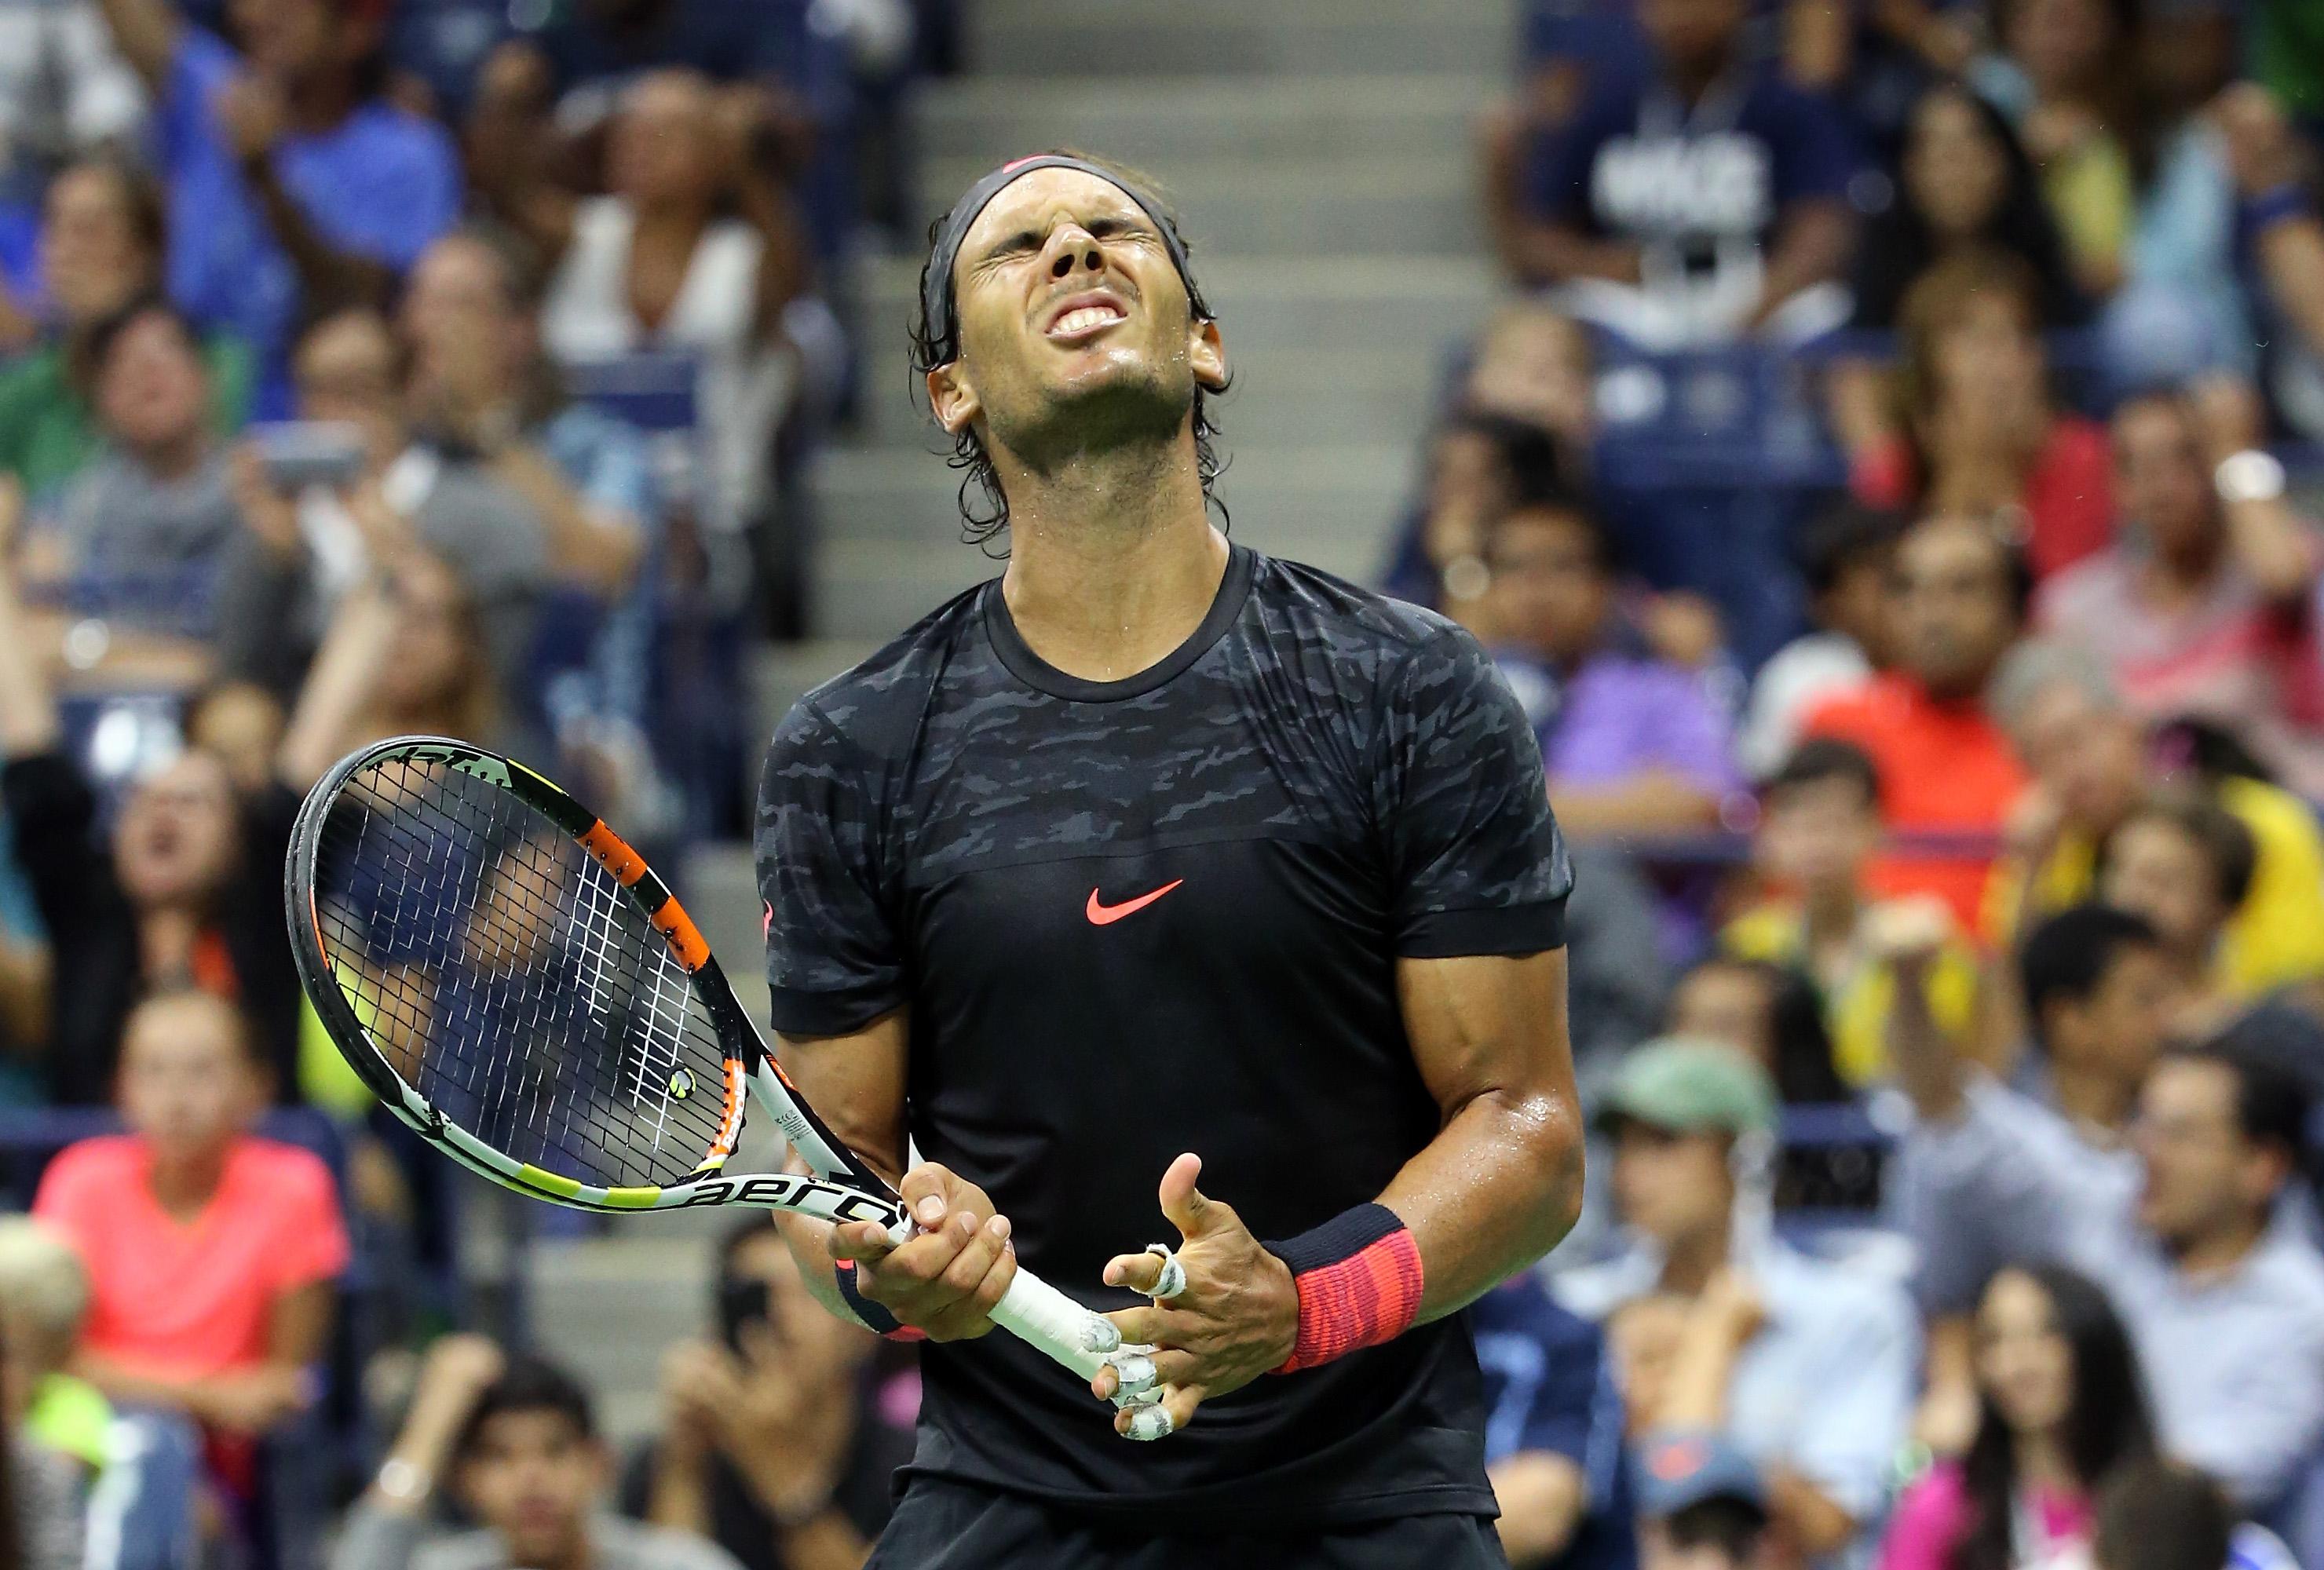 Фонини изхвърли Надал от US Open след 5-сетова драма